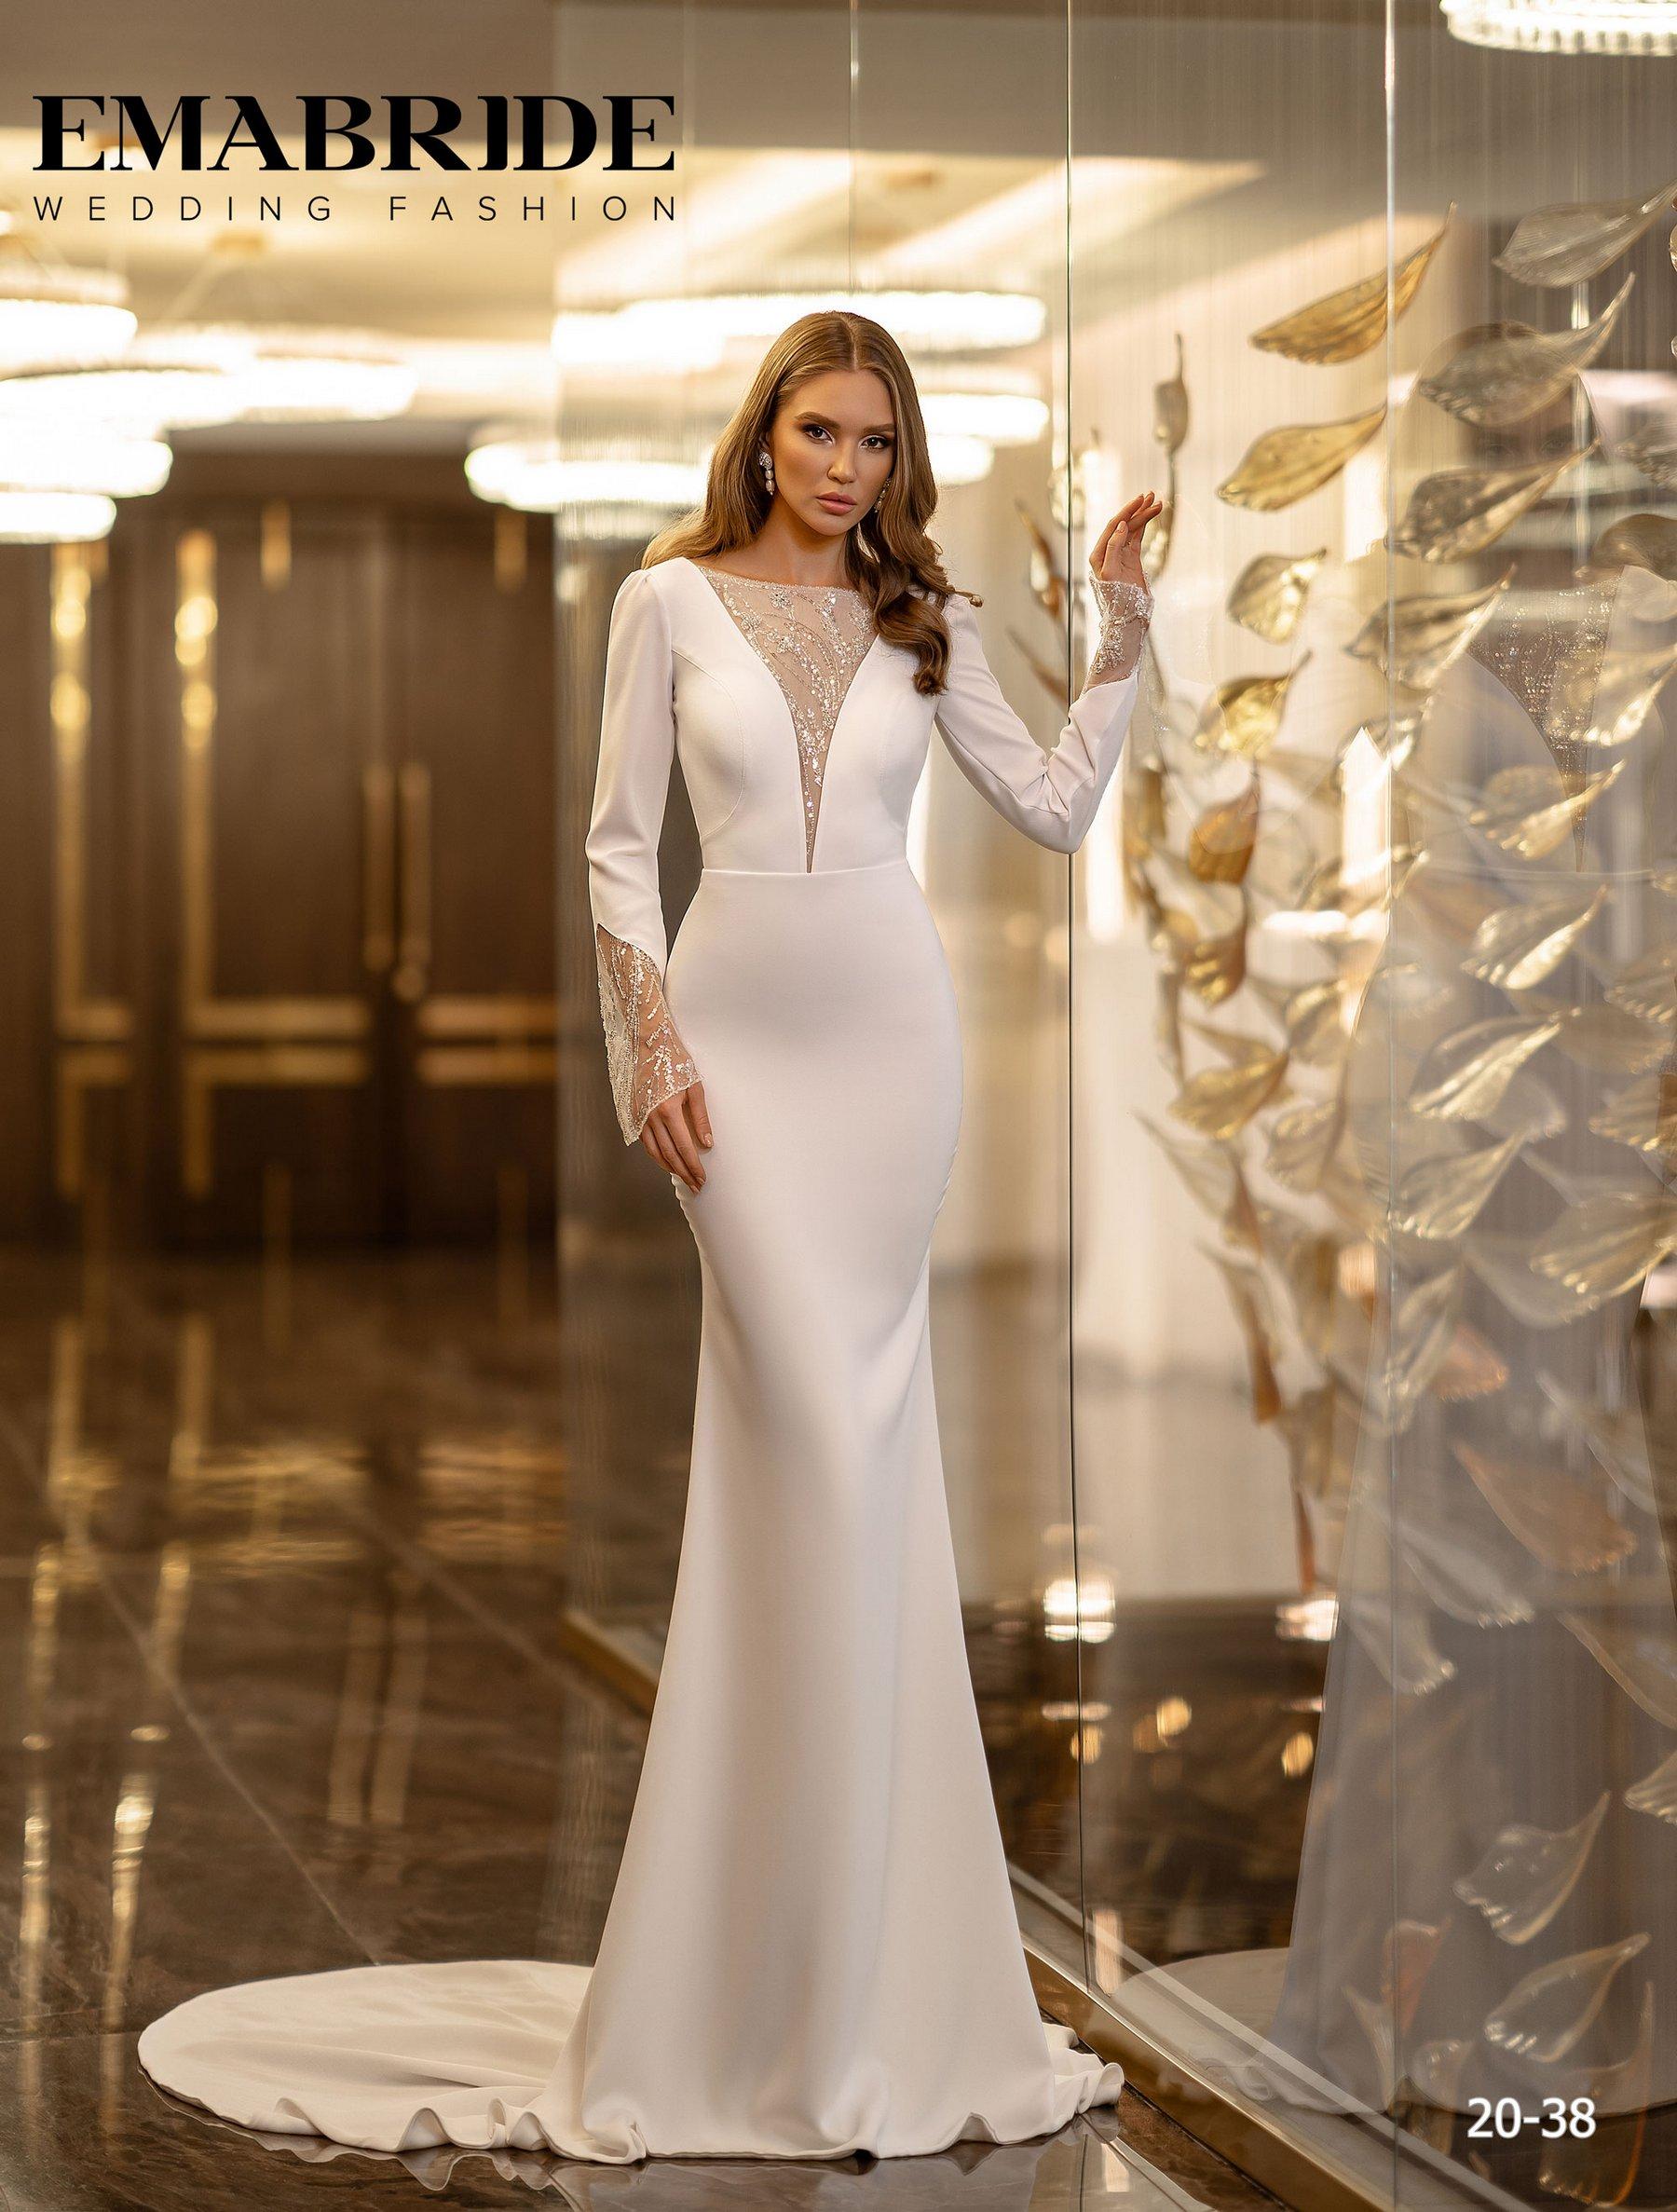 Элегантное свадебное платье русалка с рукавами оптом от Ema Bride-2